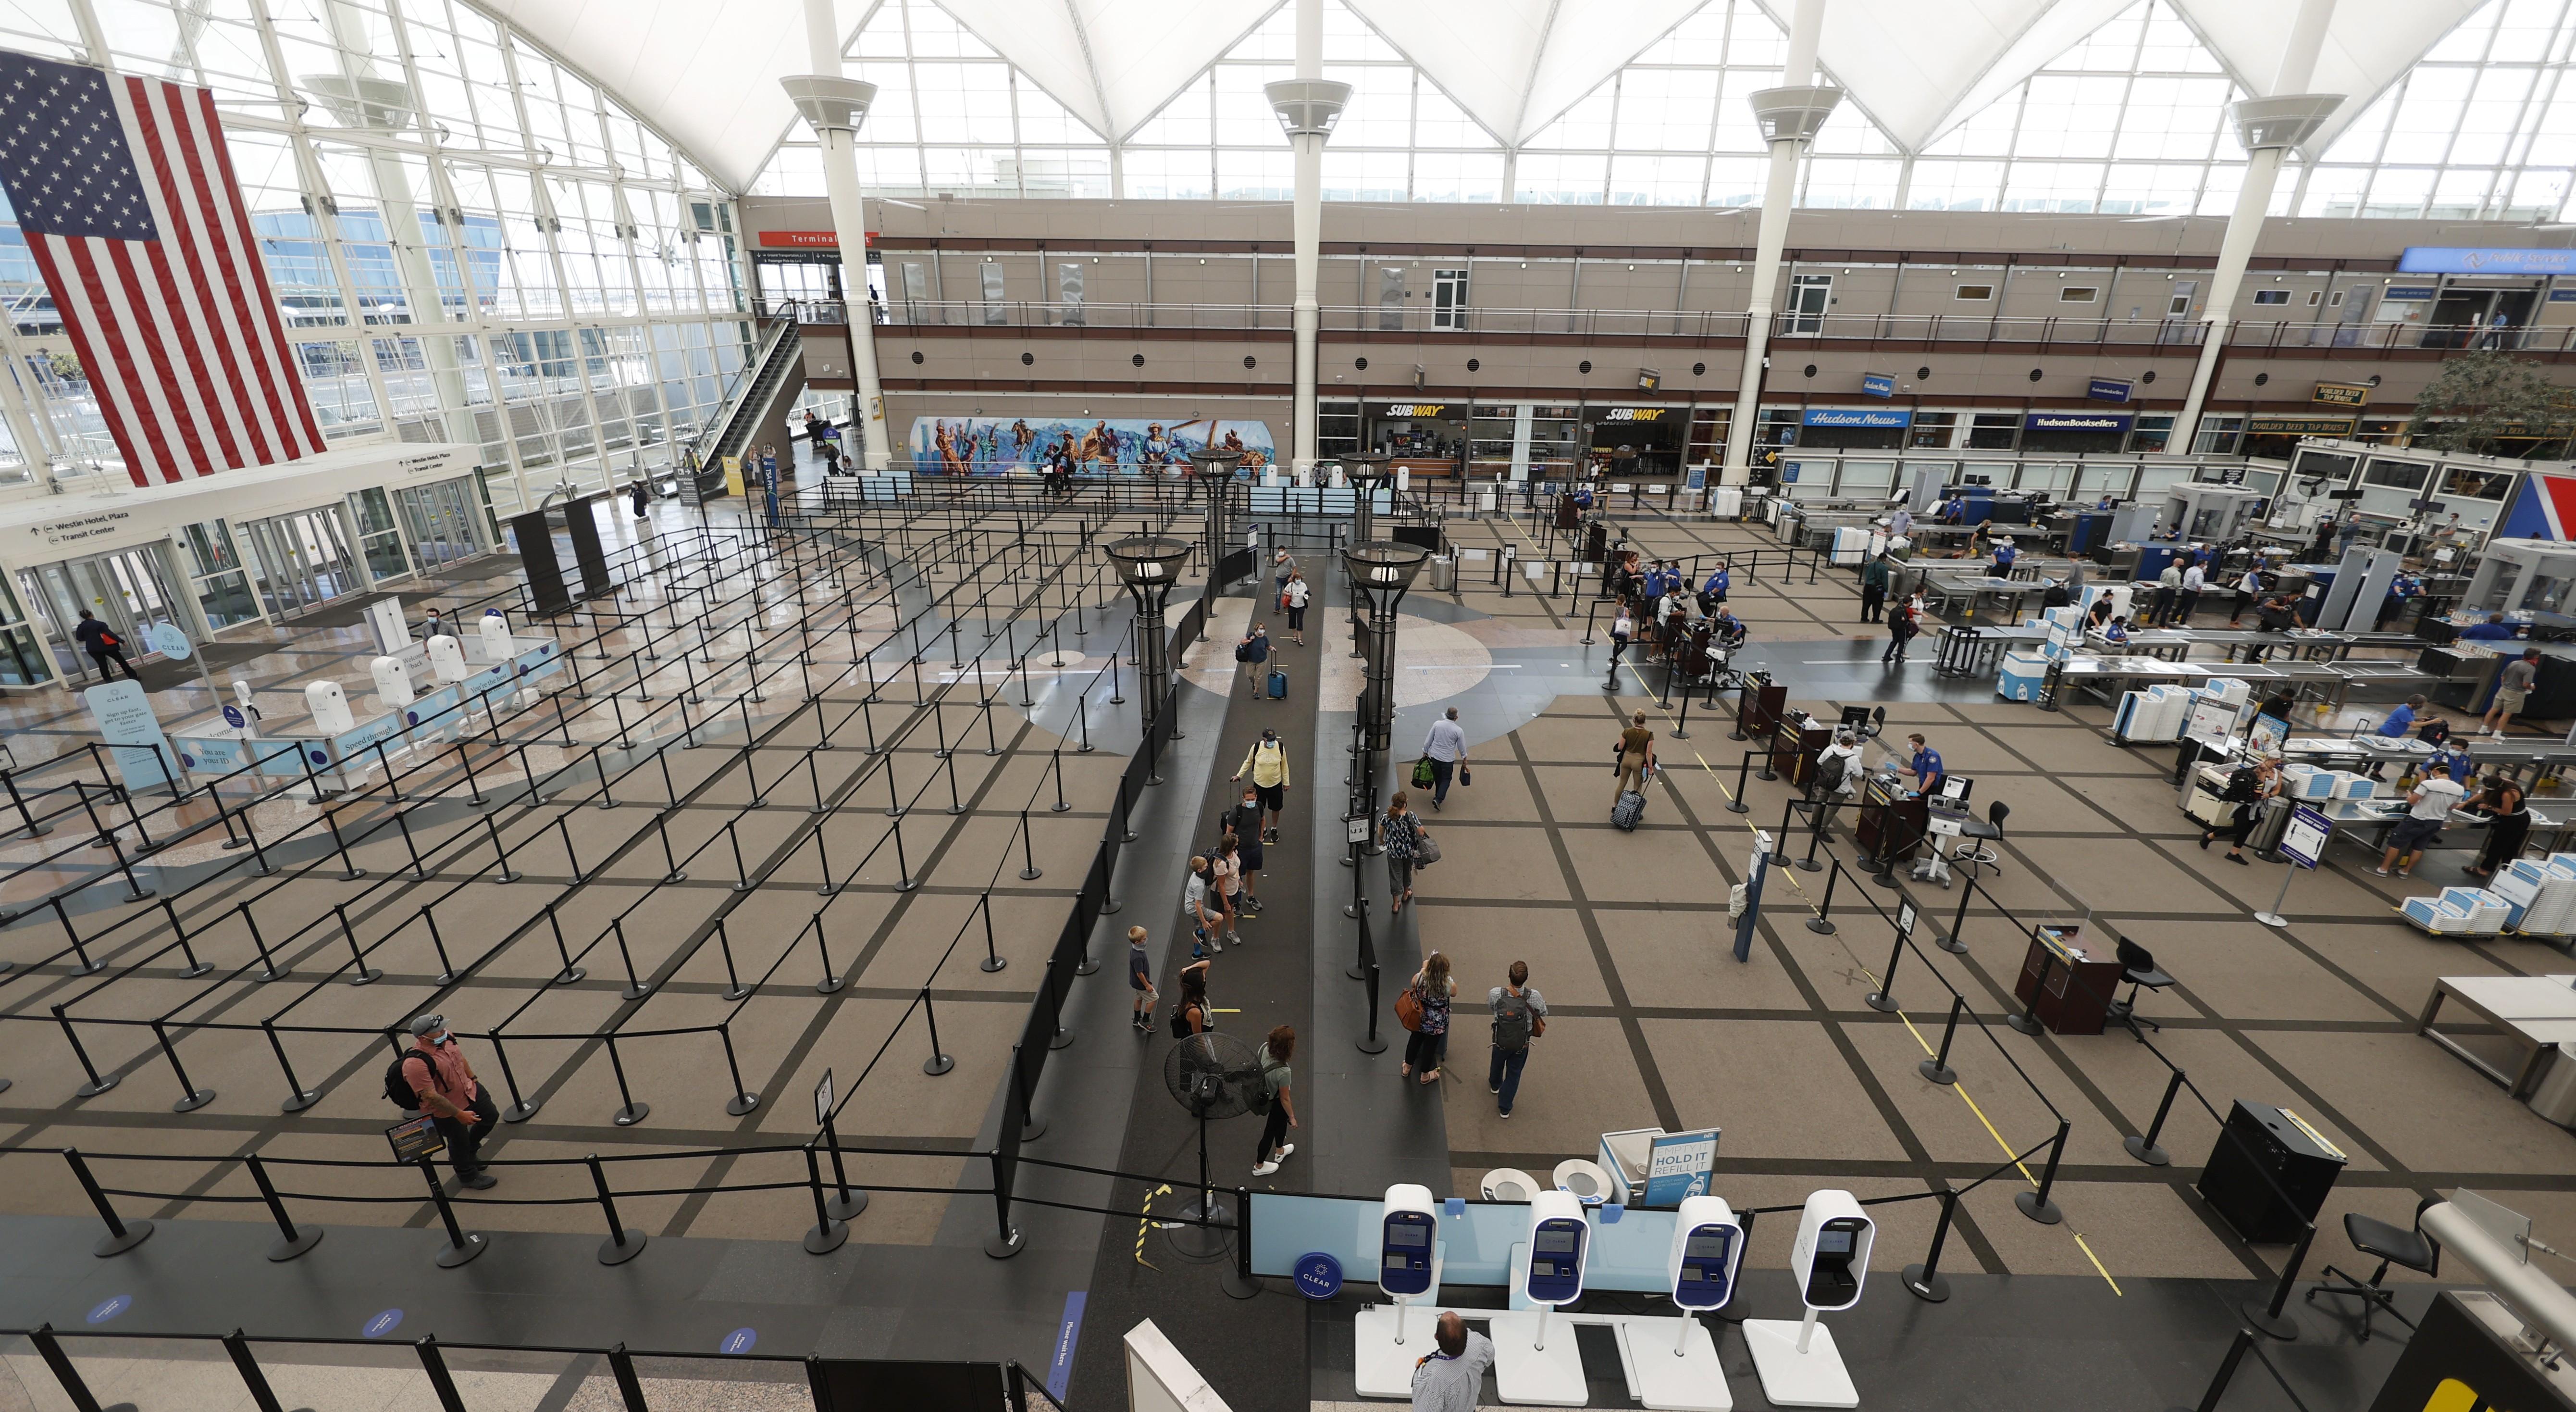 EUA suspende recomendação de evitar viagens ao exterior por pandemia